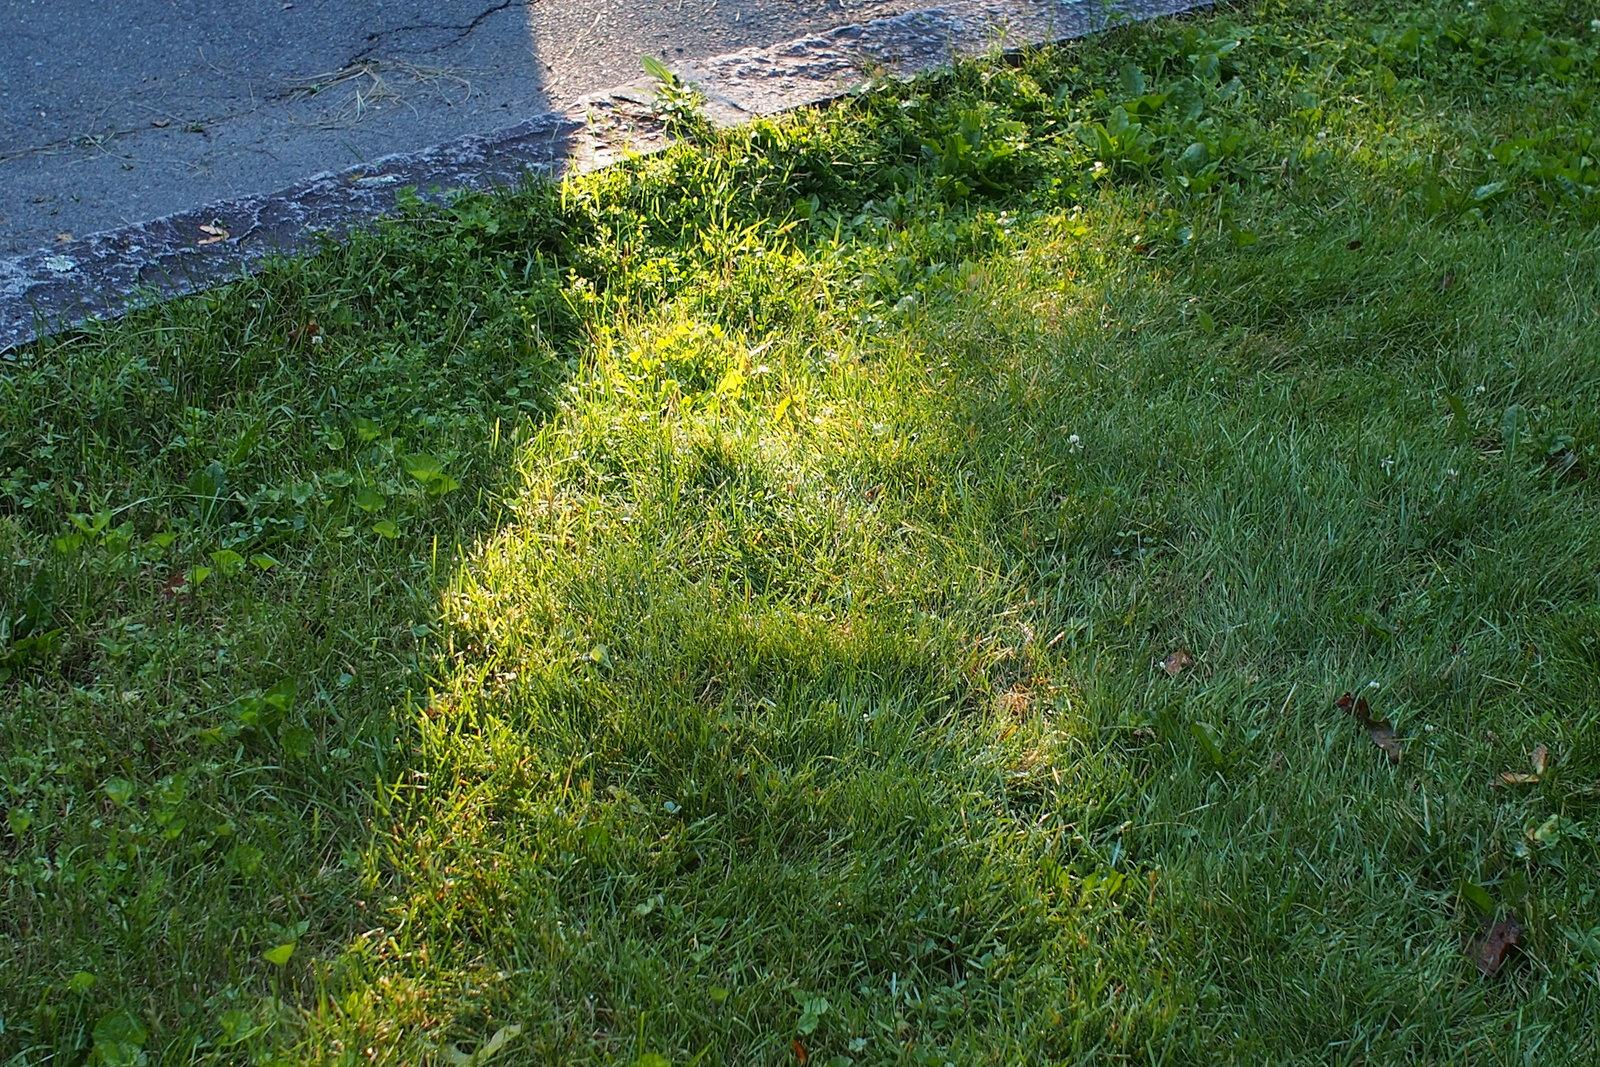 omd-em5-sparkles-on-the-grass-001-jpg.552140.jpg